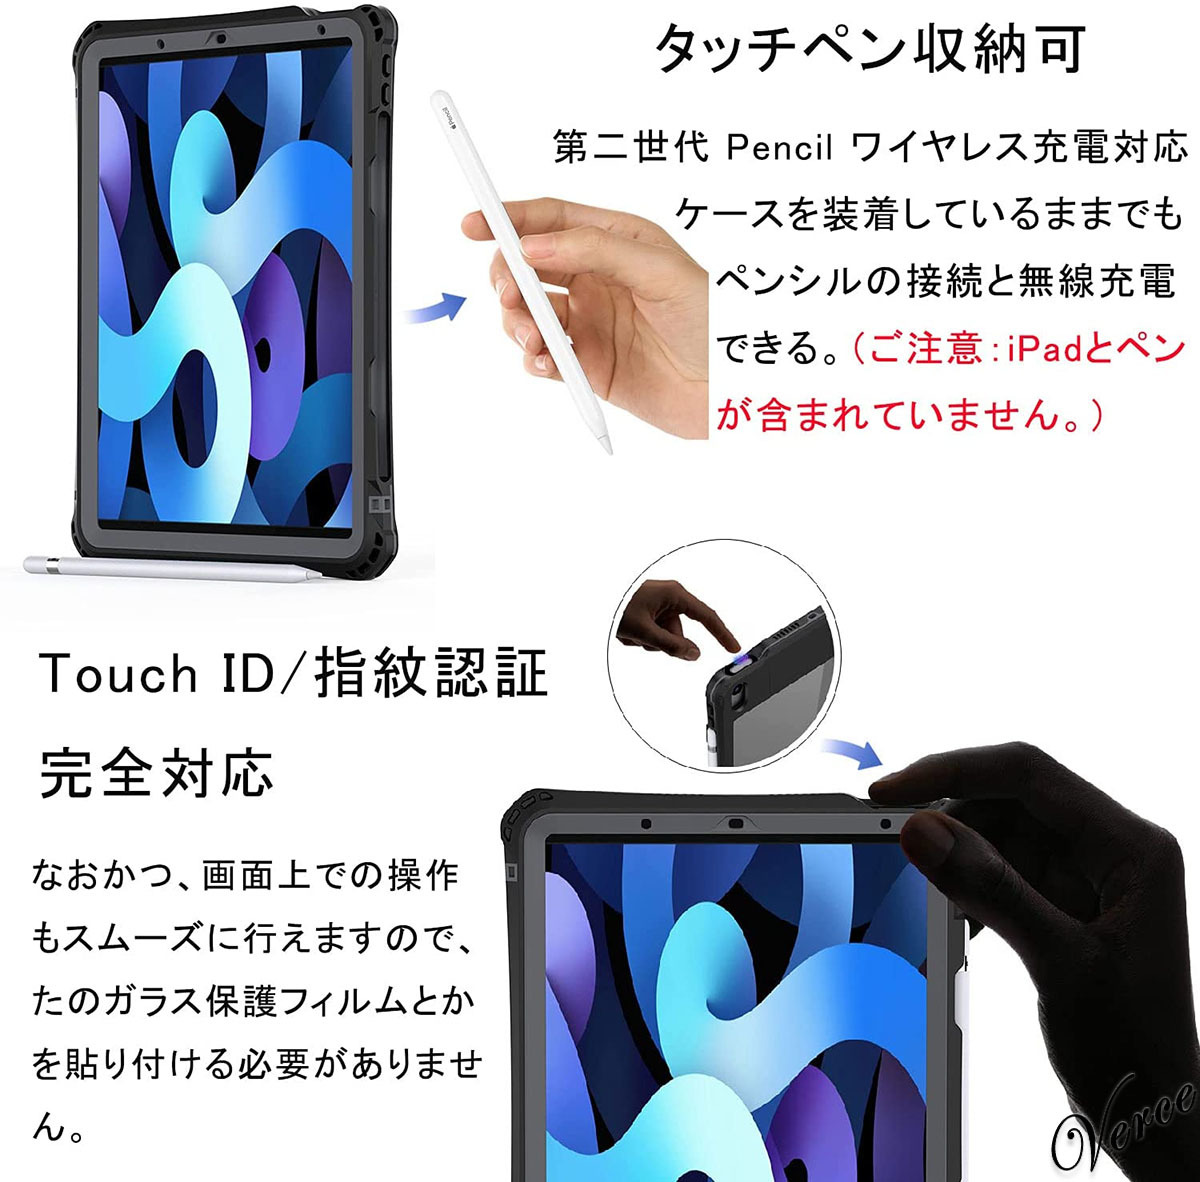 完全防水ケース お風呂での使用可能 iPad Air4 10.9インチ IP68防水規格 耐衝撃 薄型 軽量 全面保護 カバー スタンド機能あり_画像5